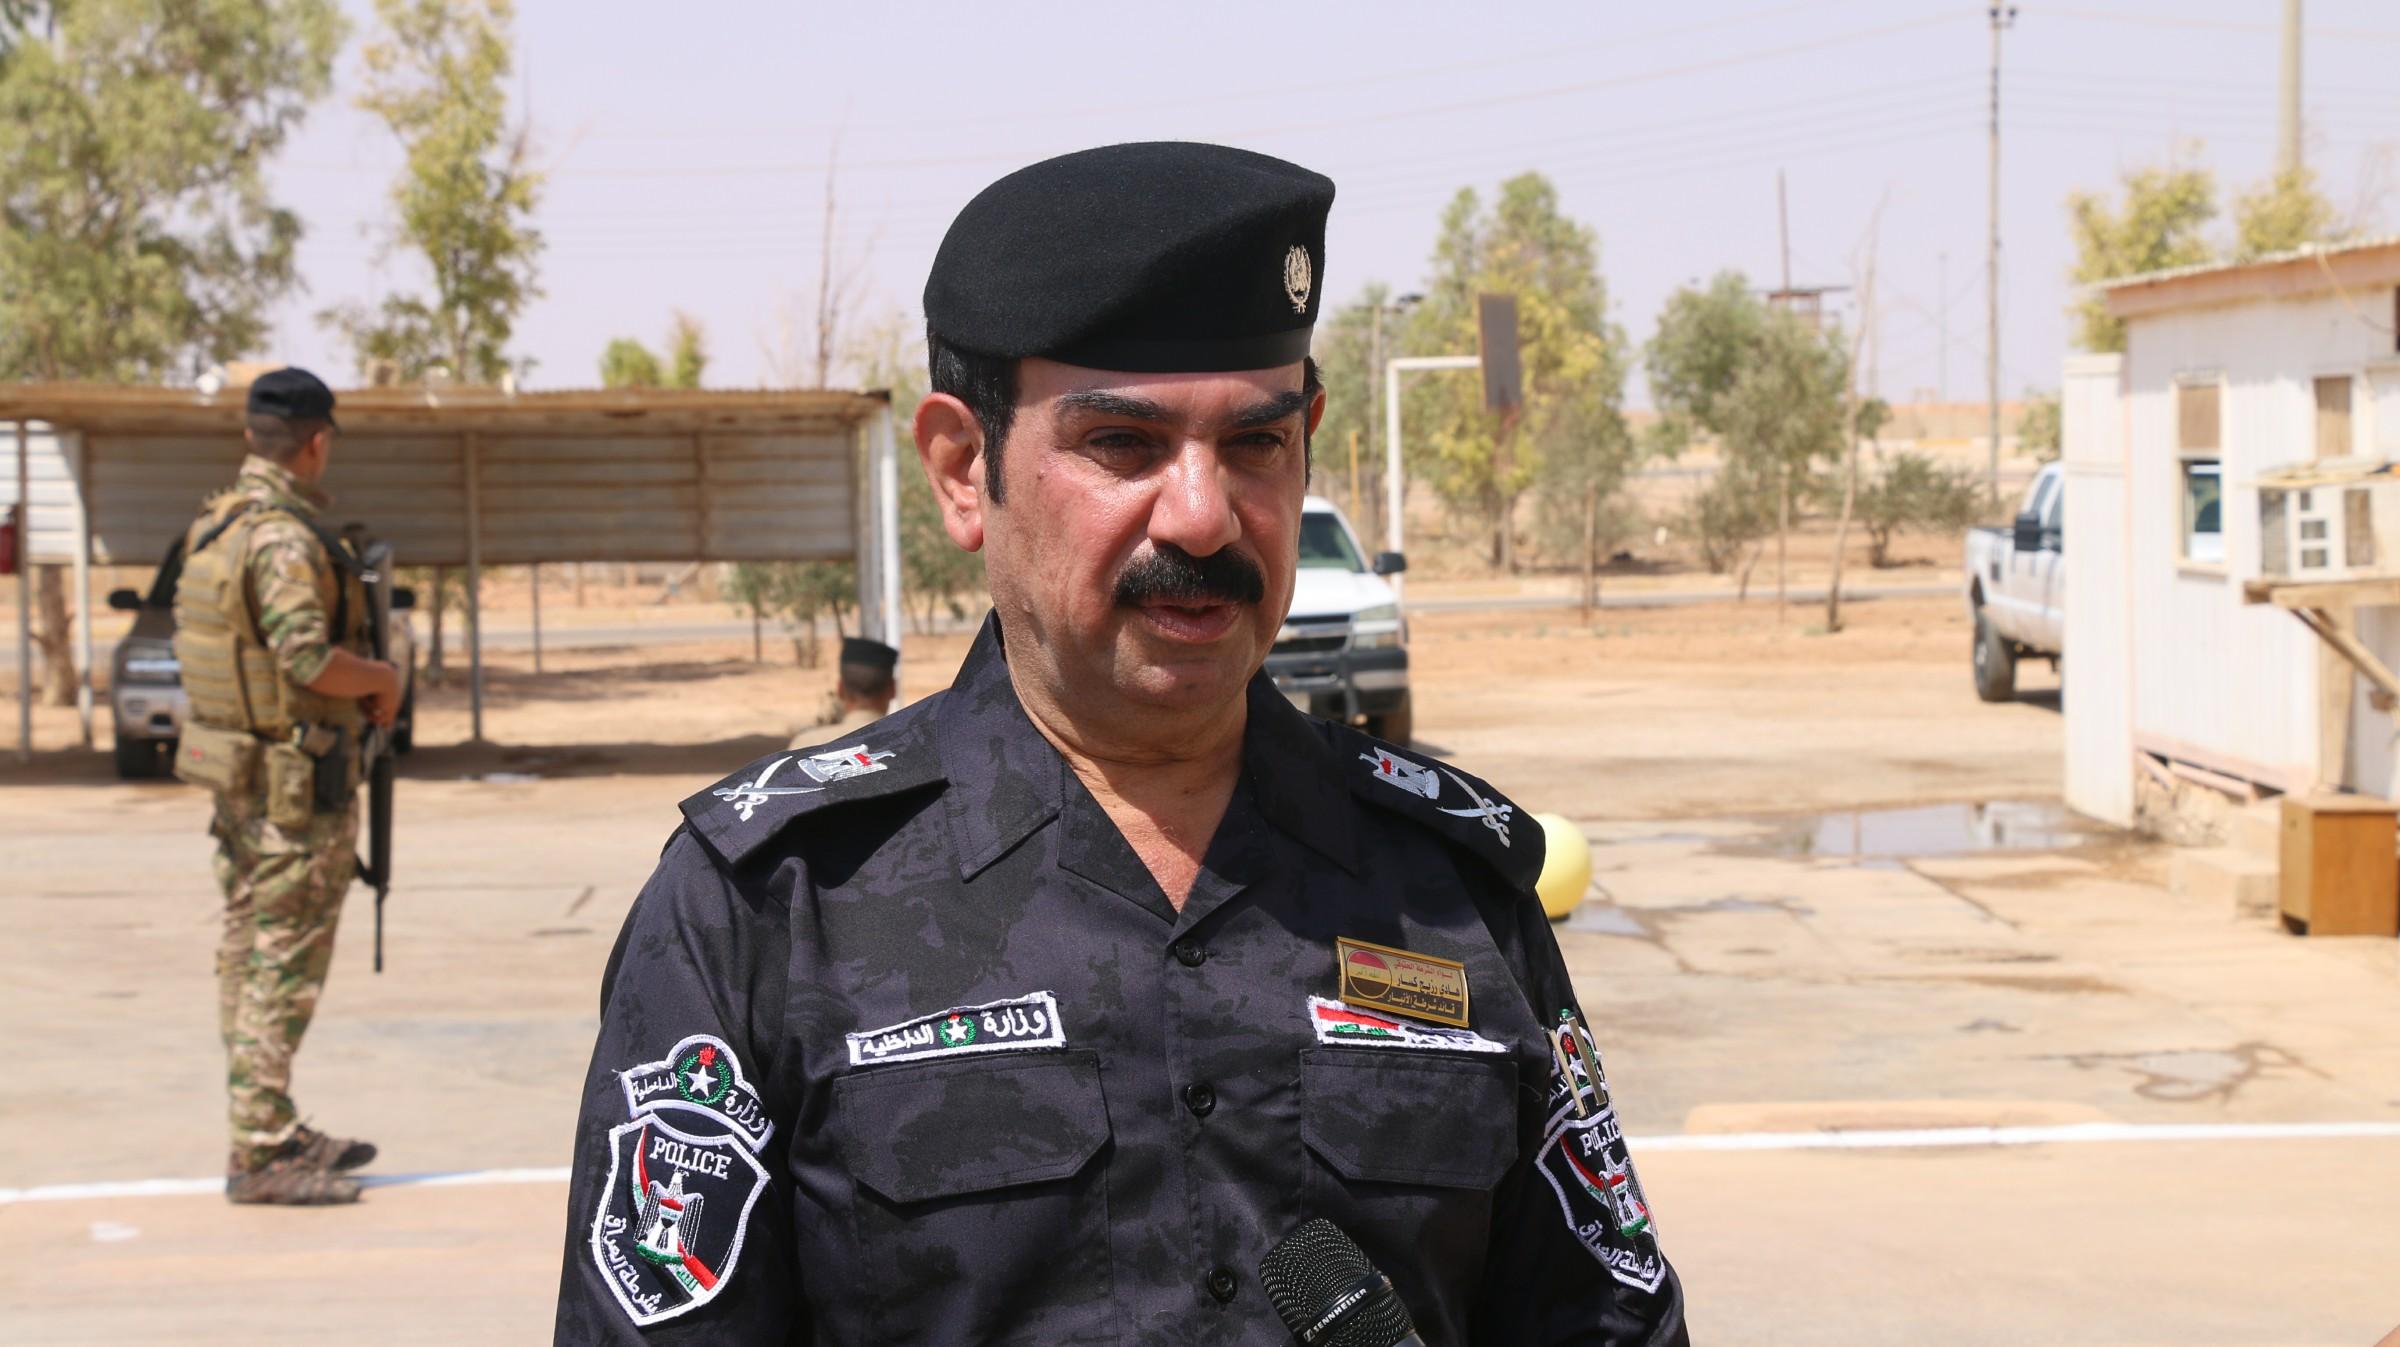 شرطة الانبار تشكل لجنة لاعادة التحقيق بالحريق الذي ادى الى مصرع عائلة بالرمادي